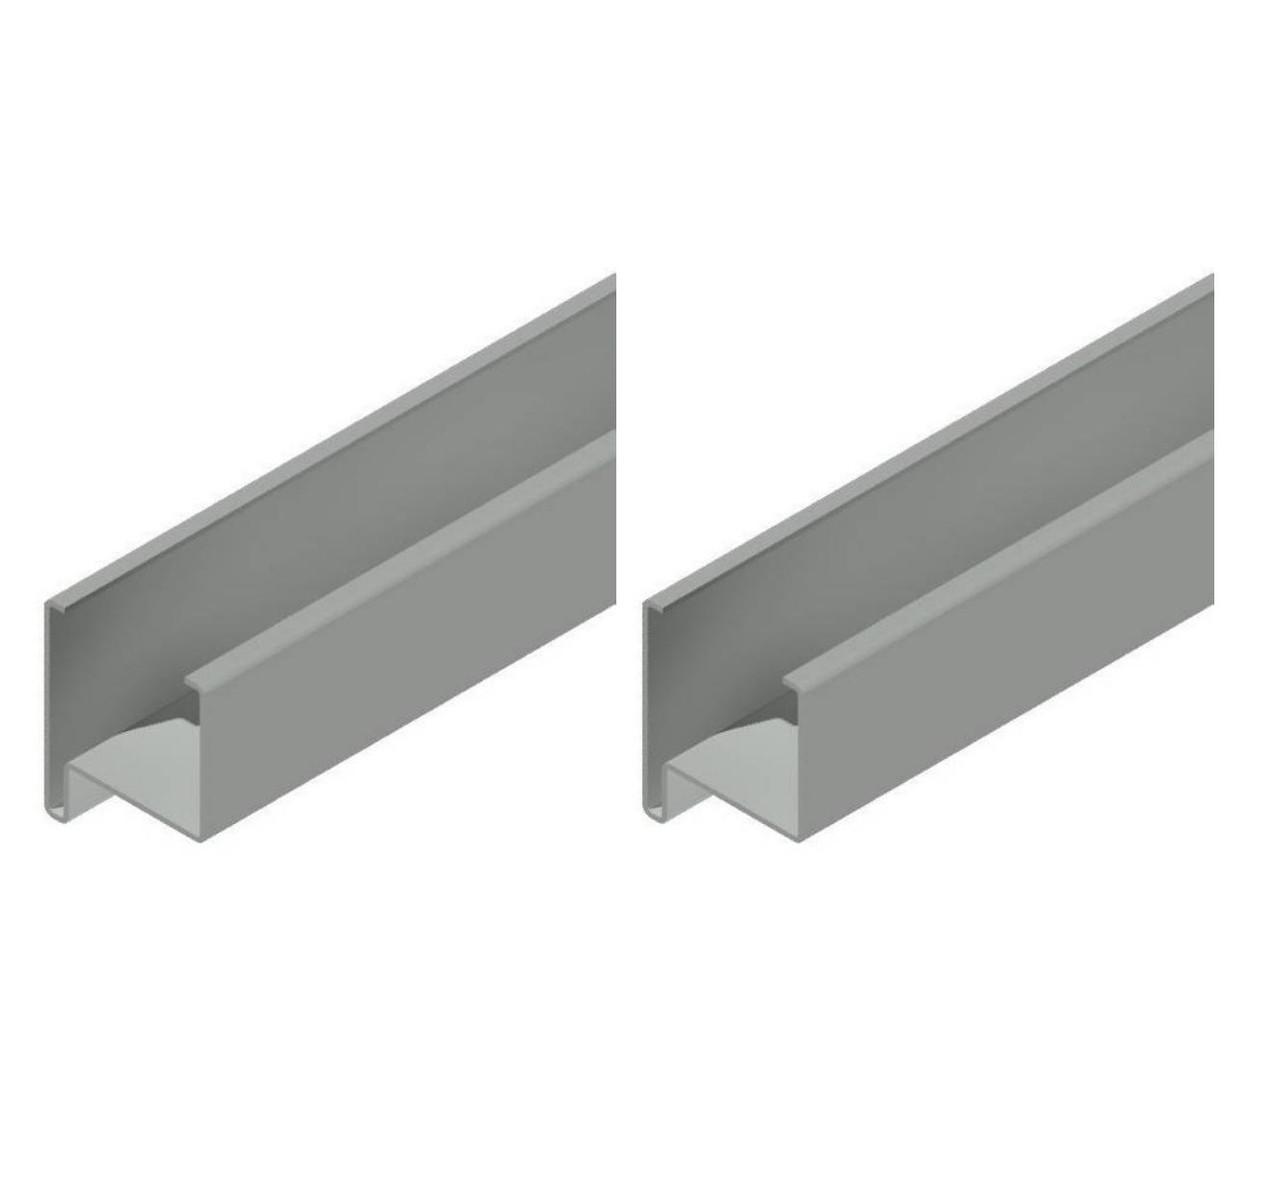 Профиль створки  58 мм.для ставень с поворотными ламелями,пара правый и левый